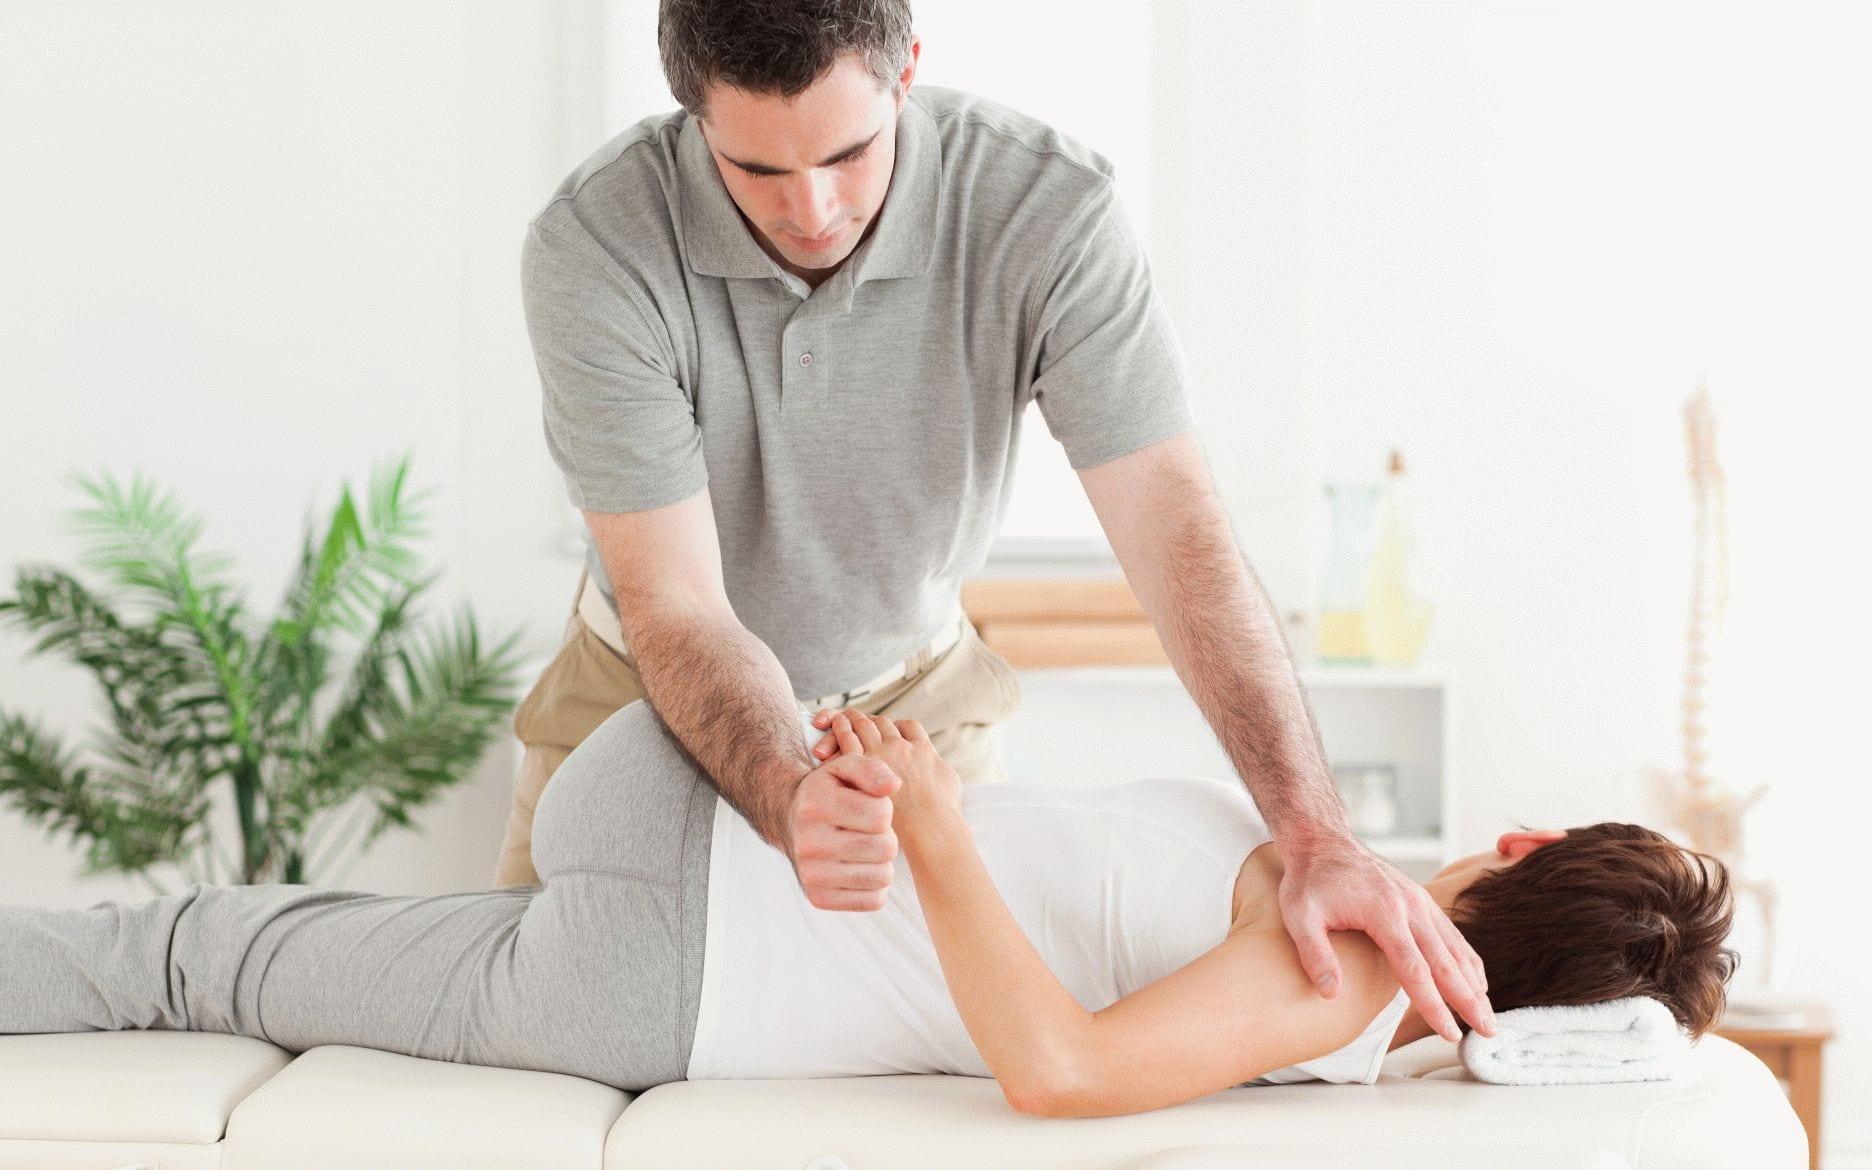 pierdere în greutate îngrijire chiropractică